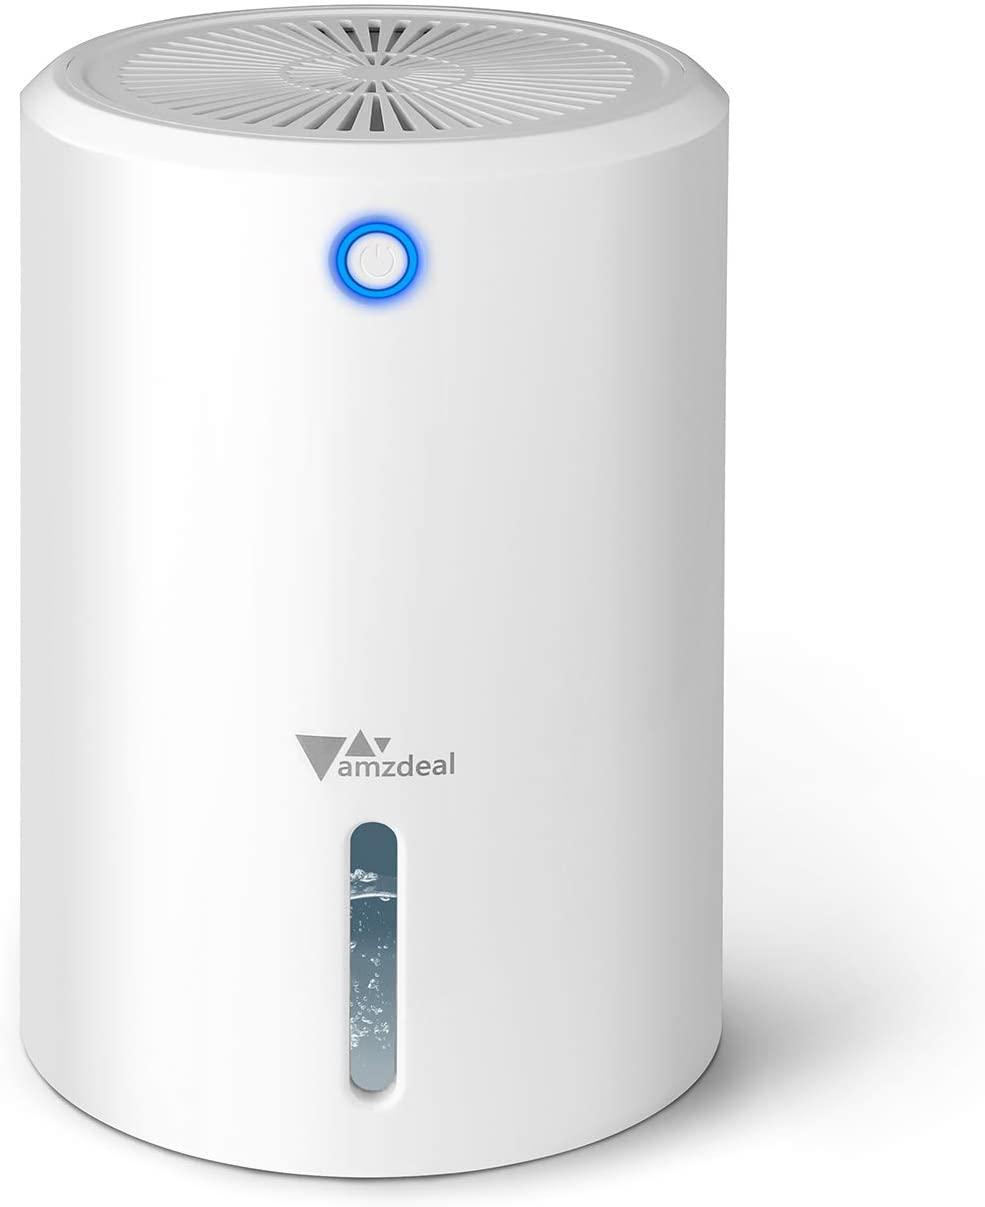 El mejor deshumidificador eléctrico de bajo consumo de Amzdeal